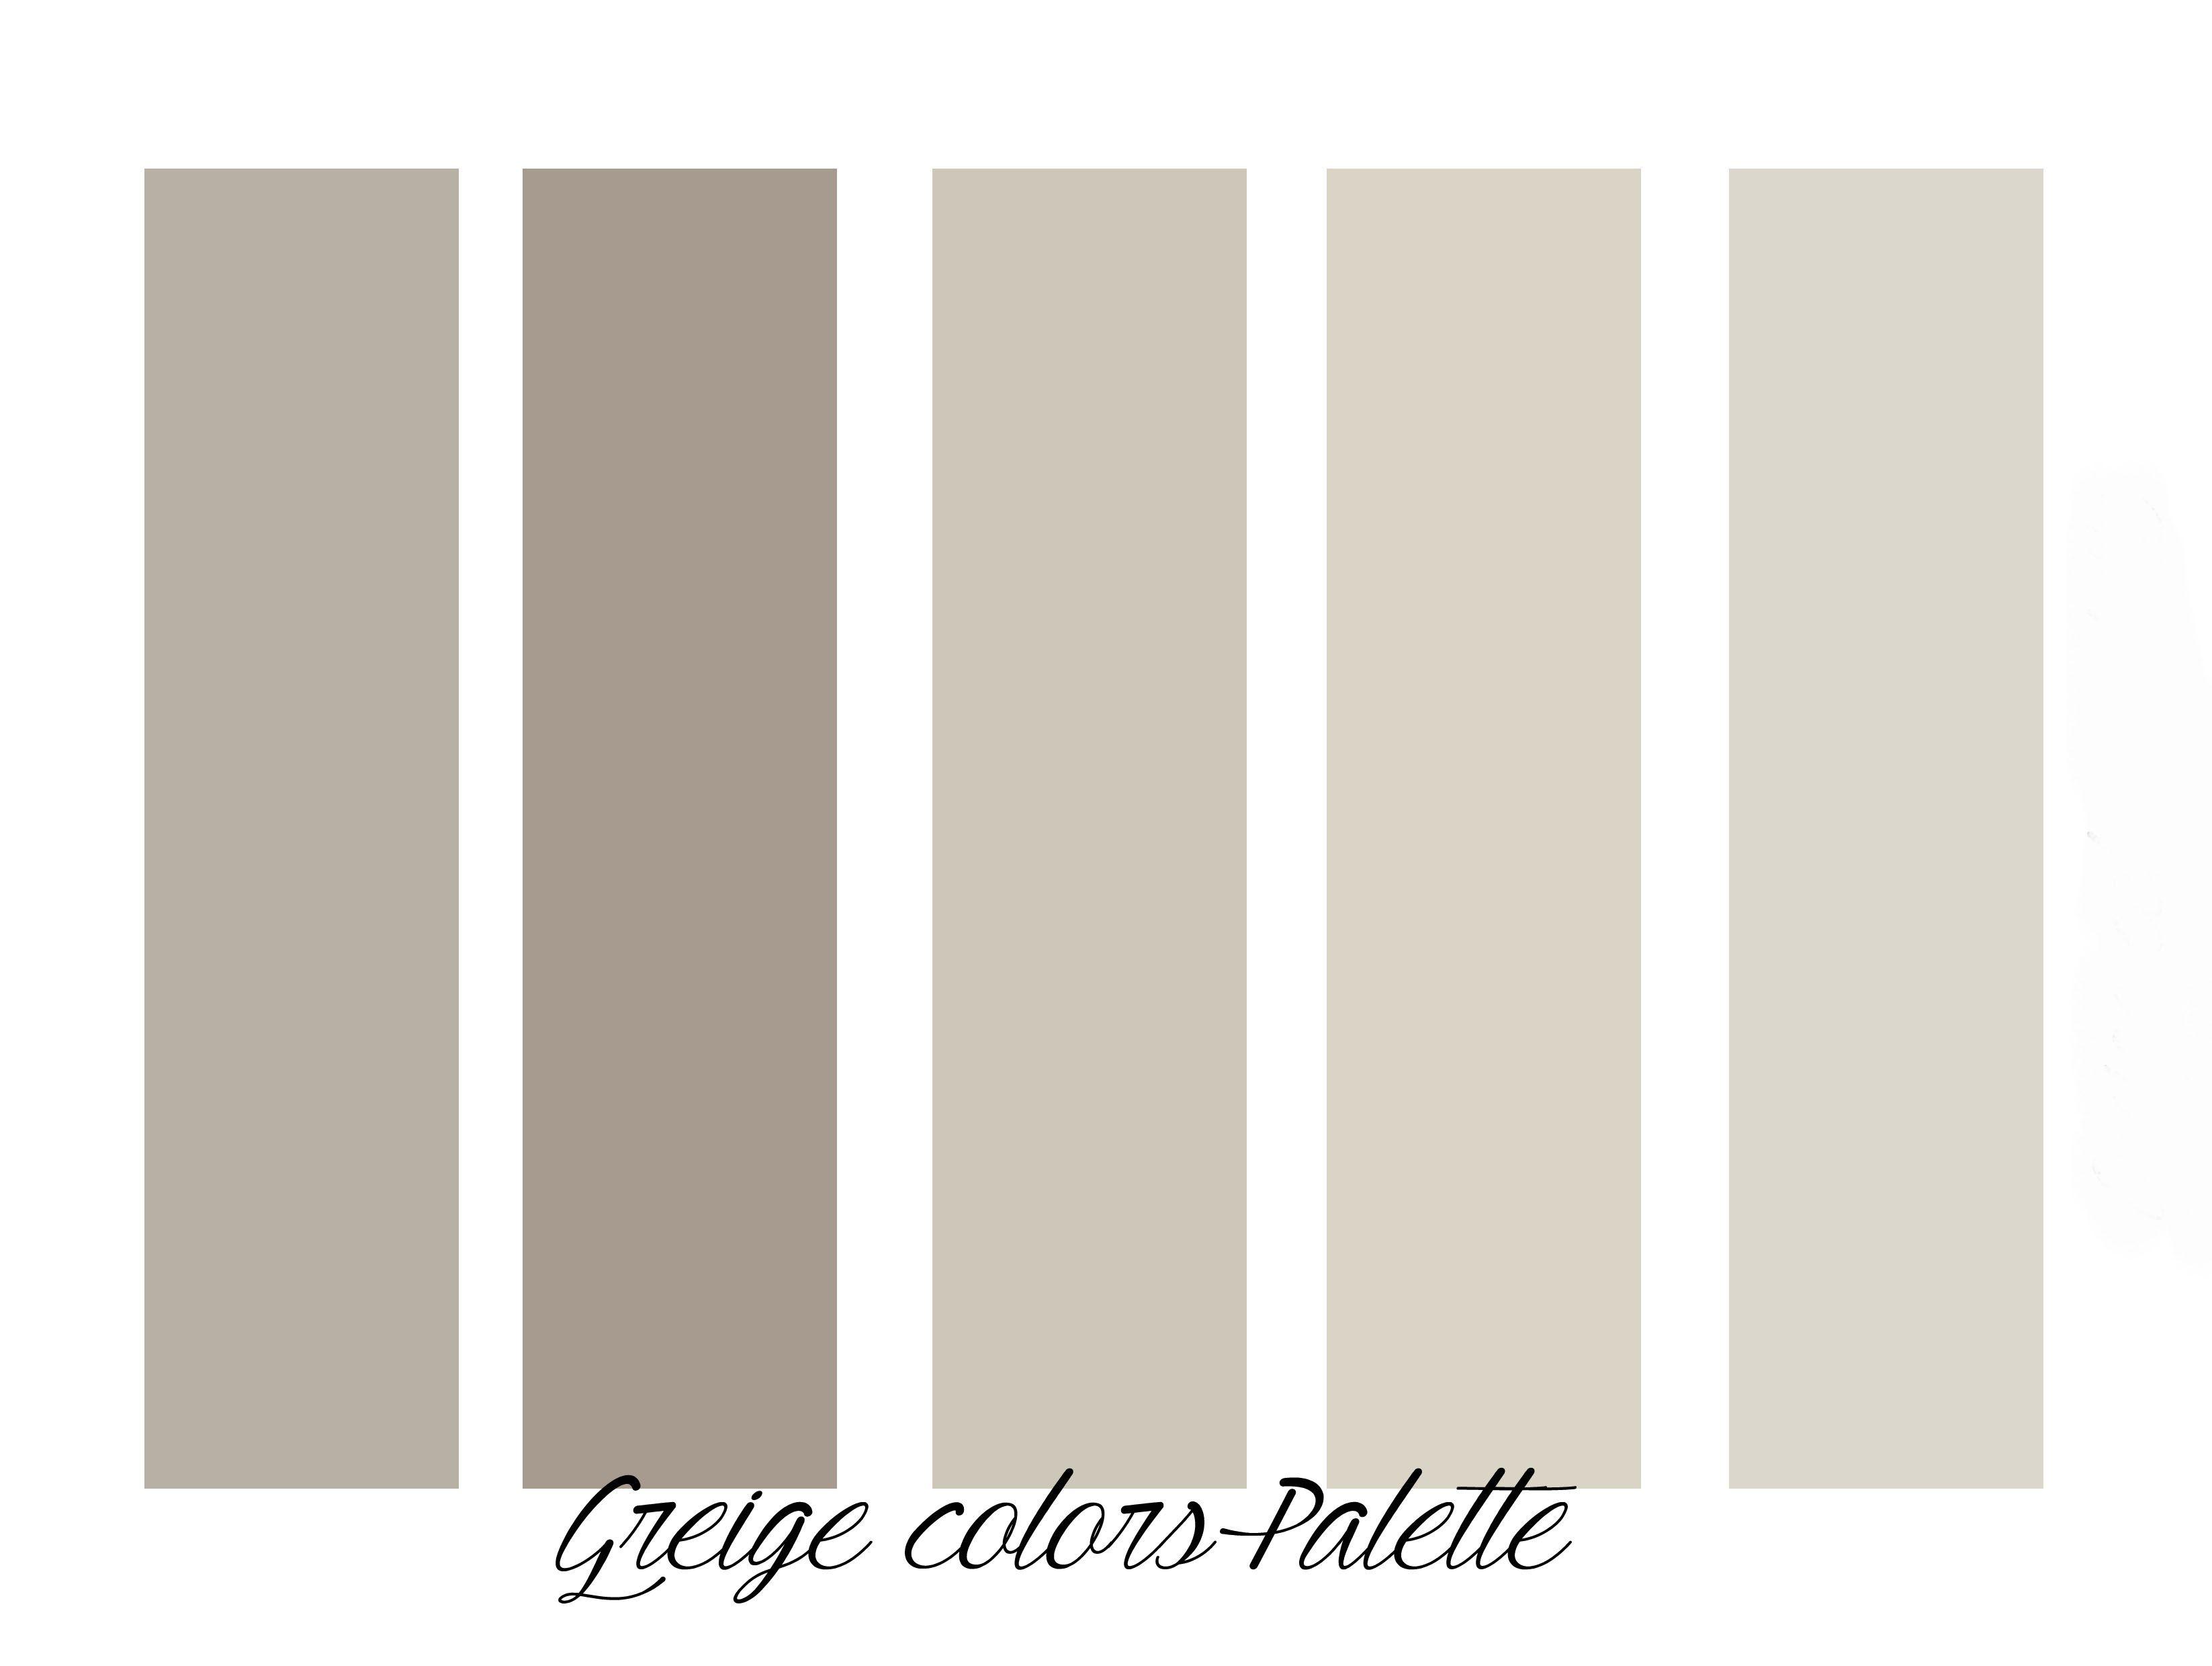 Scopri la cartella colori ncs la cartella colori ncs è una cartella generale per i colori realizzabili a tintometro. Tendenza Colore Tutti Pazzi Per Il Greige Colori Pareti Beige Colori Pareti Colori